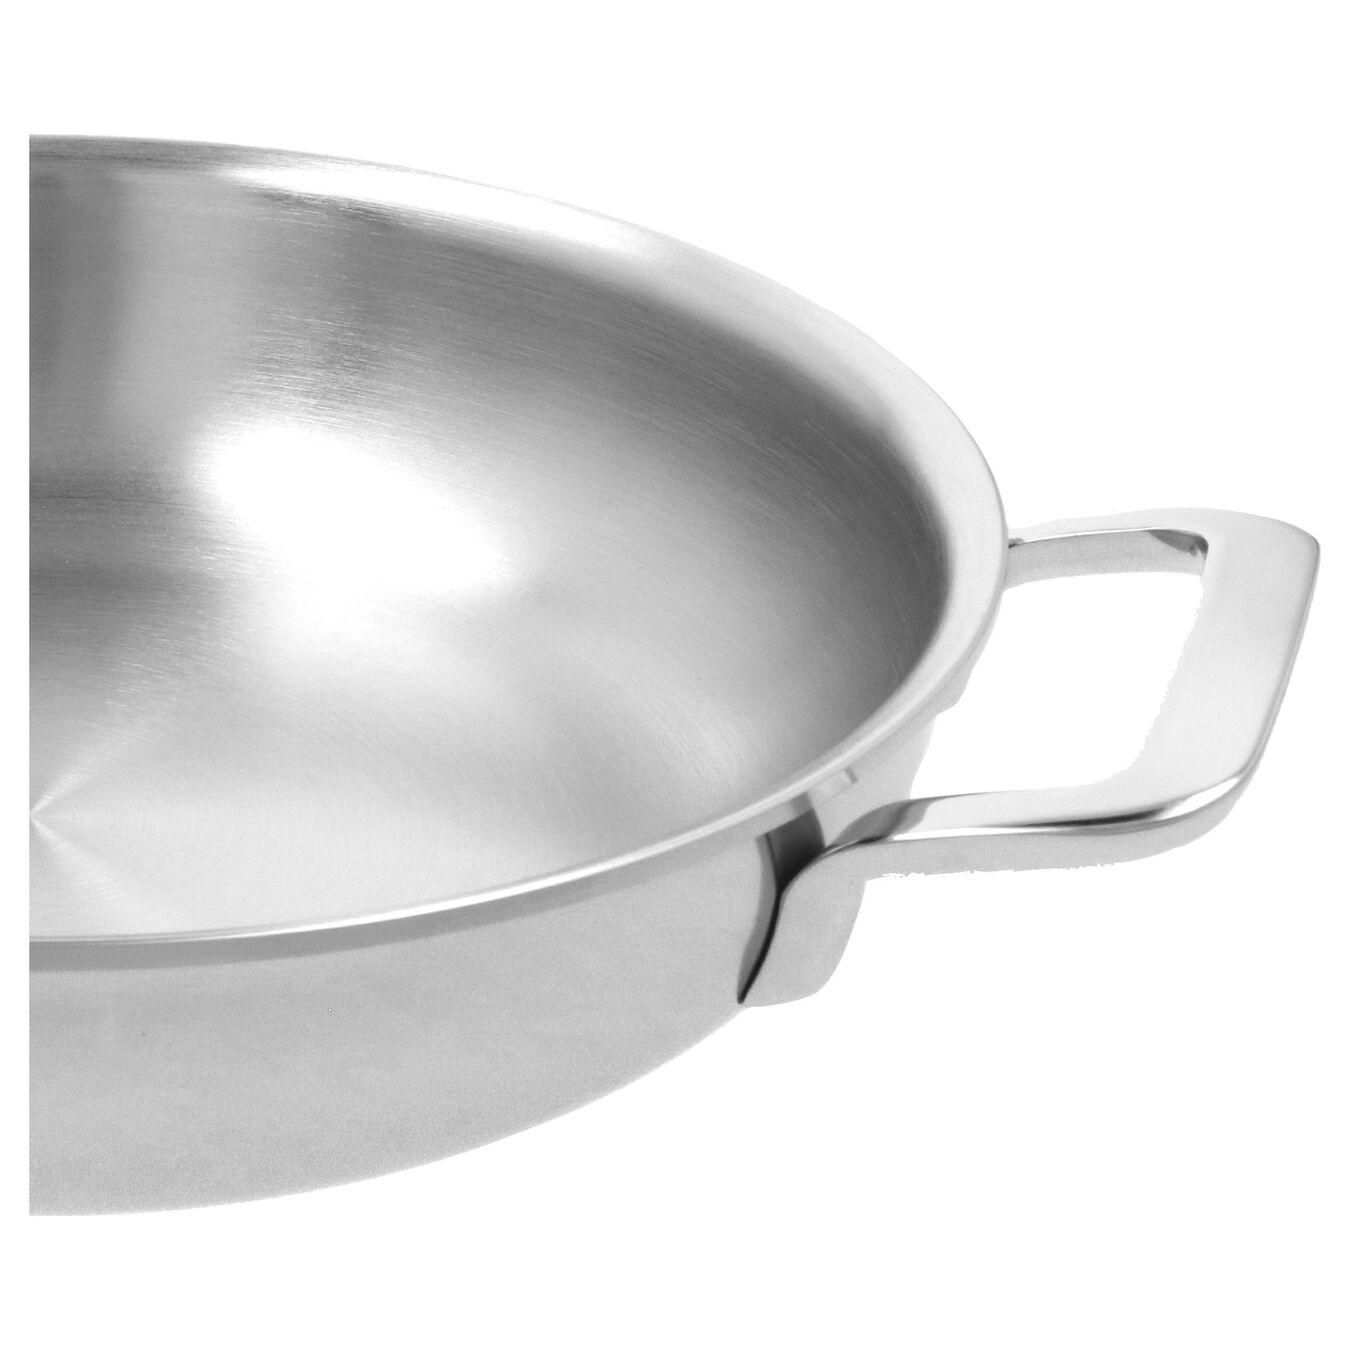 Bakpan met 2 handgrepen Zilverkleurig 24 cm,,large 2